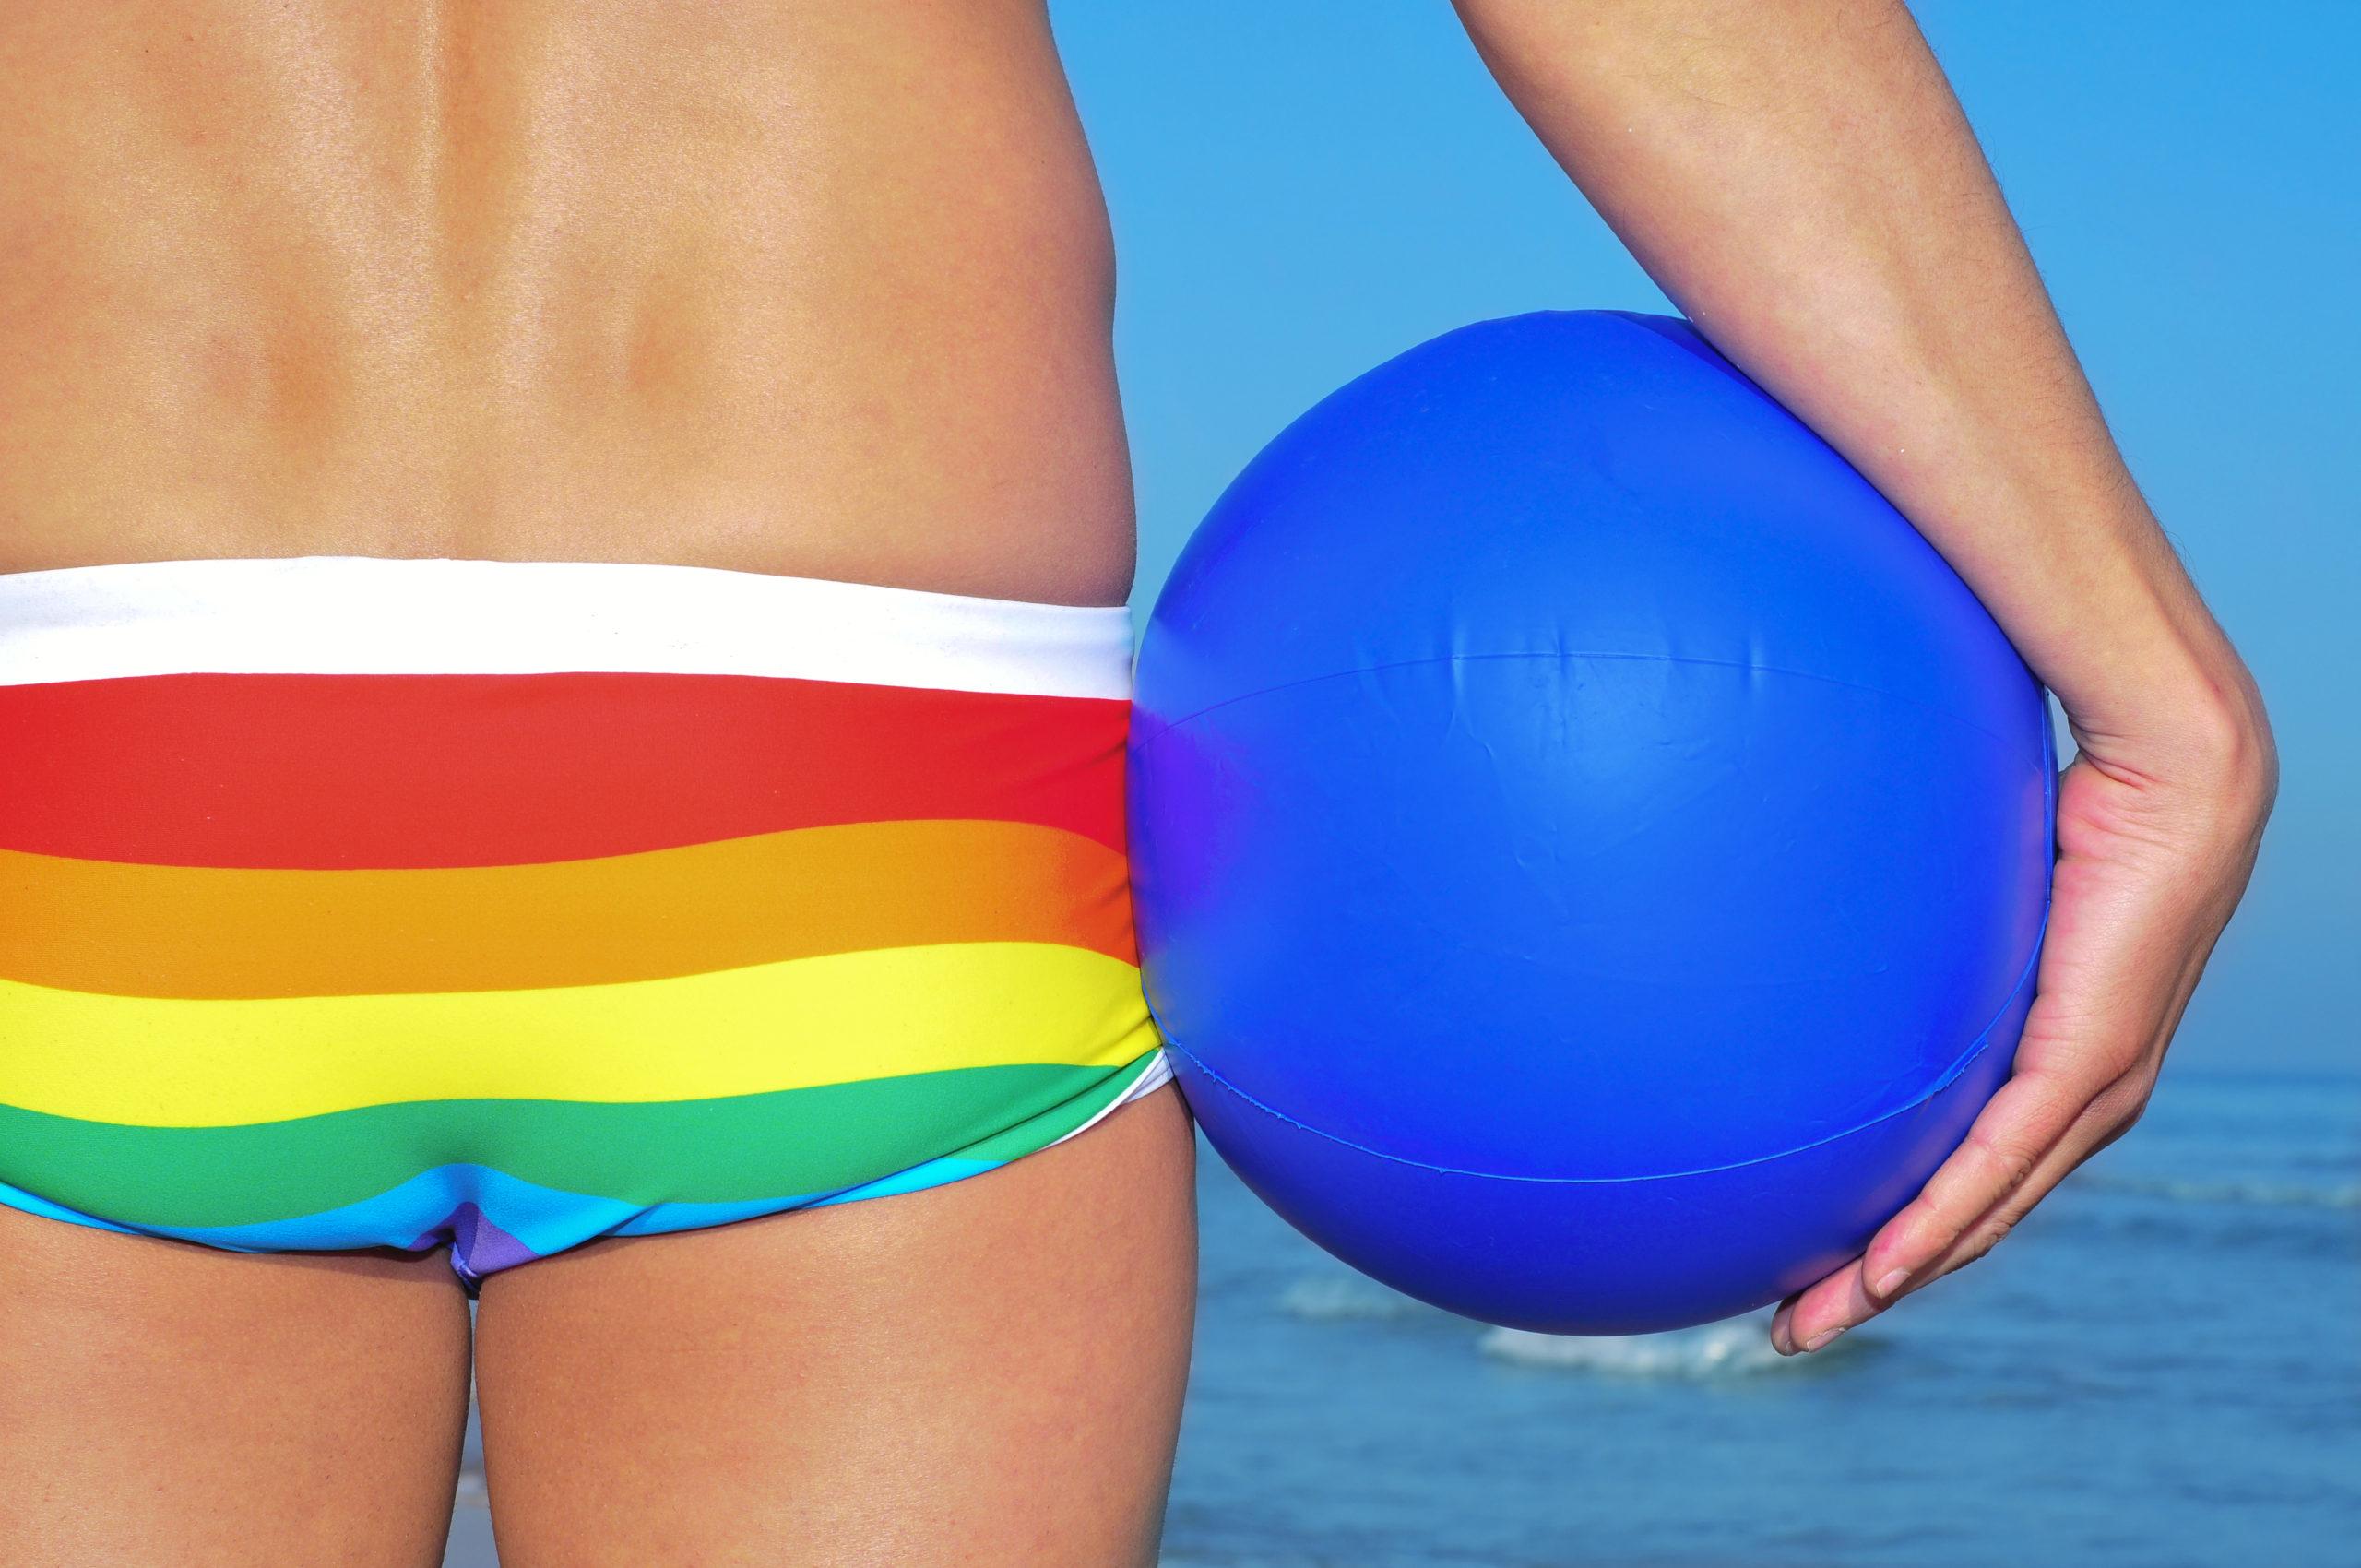 felépülni a nemi szemölcsökből a test méregtelenítése és a vastagbél tisztítása